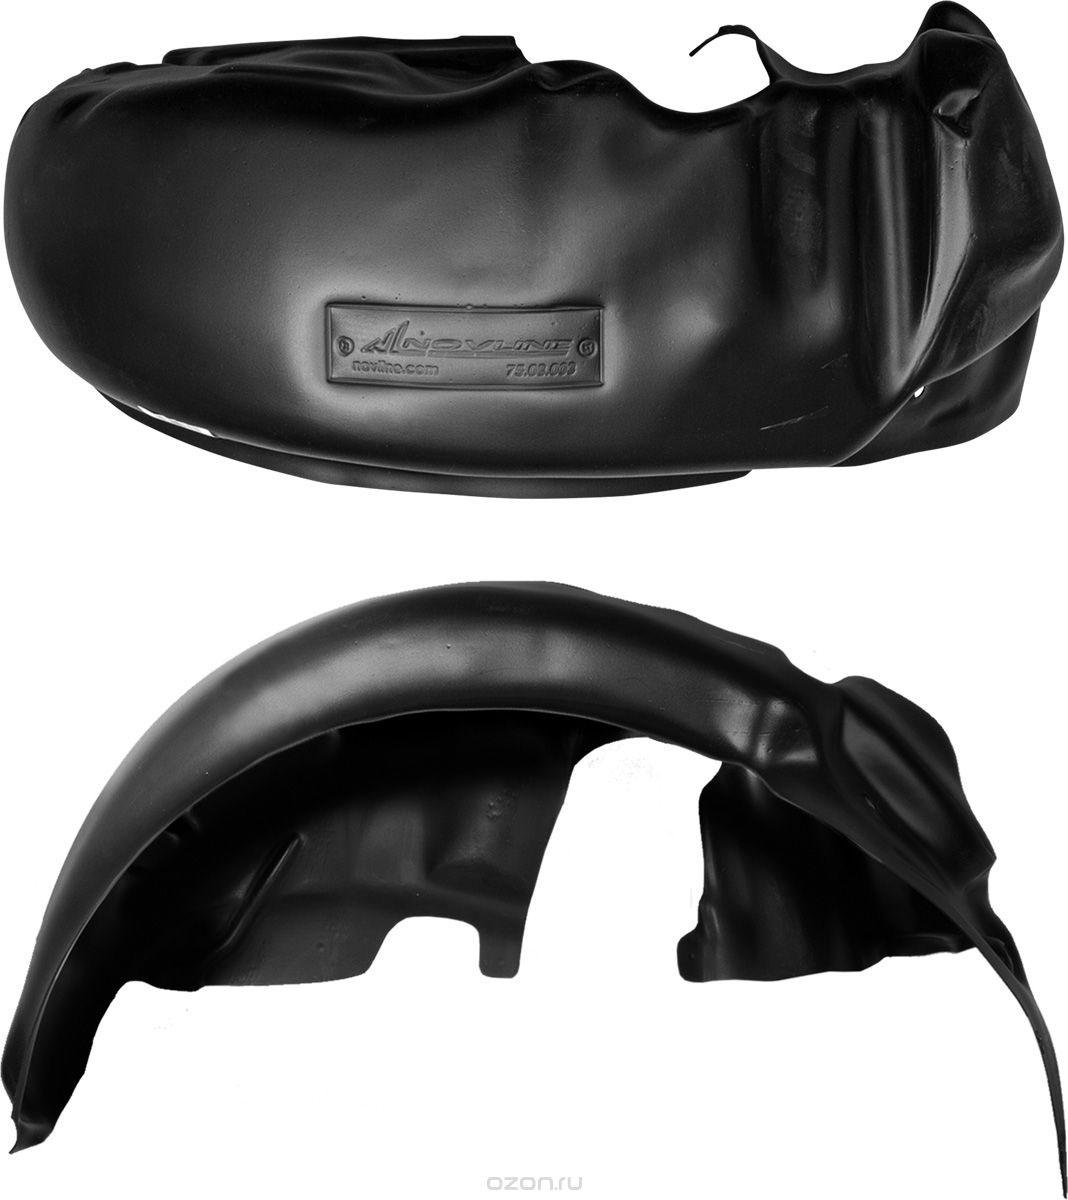 Подкрылок Novline-Autofamily, для RENAULT Sandero Stepway, 11/2014->, хб., передний правыйNLL.41.36.002Идеальная защита колесной ниши. Локеры разработаны с применением цифровых технологий, гарантируют максимальную повторяемость поверхности арки. Изделия устанавливаются без нарушения лакокрасочного покрытия автомобиля, каждый подкрылок комплектуется крепежом. Уважаемые клиенты, обращаем ваше внимание, что фотографии на подкрылки универсальные и не отражают реальную форму изделия. При этом само изделие идет точно под размер указанного автомобиля.